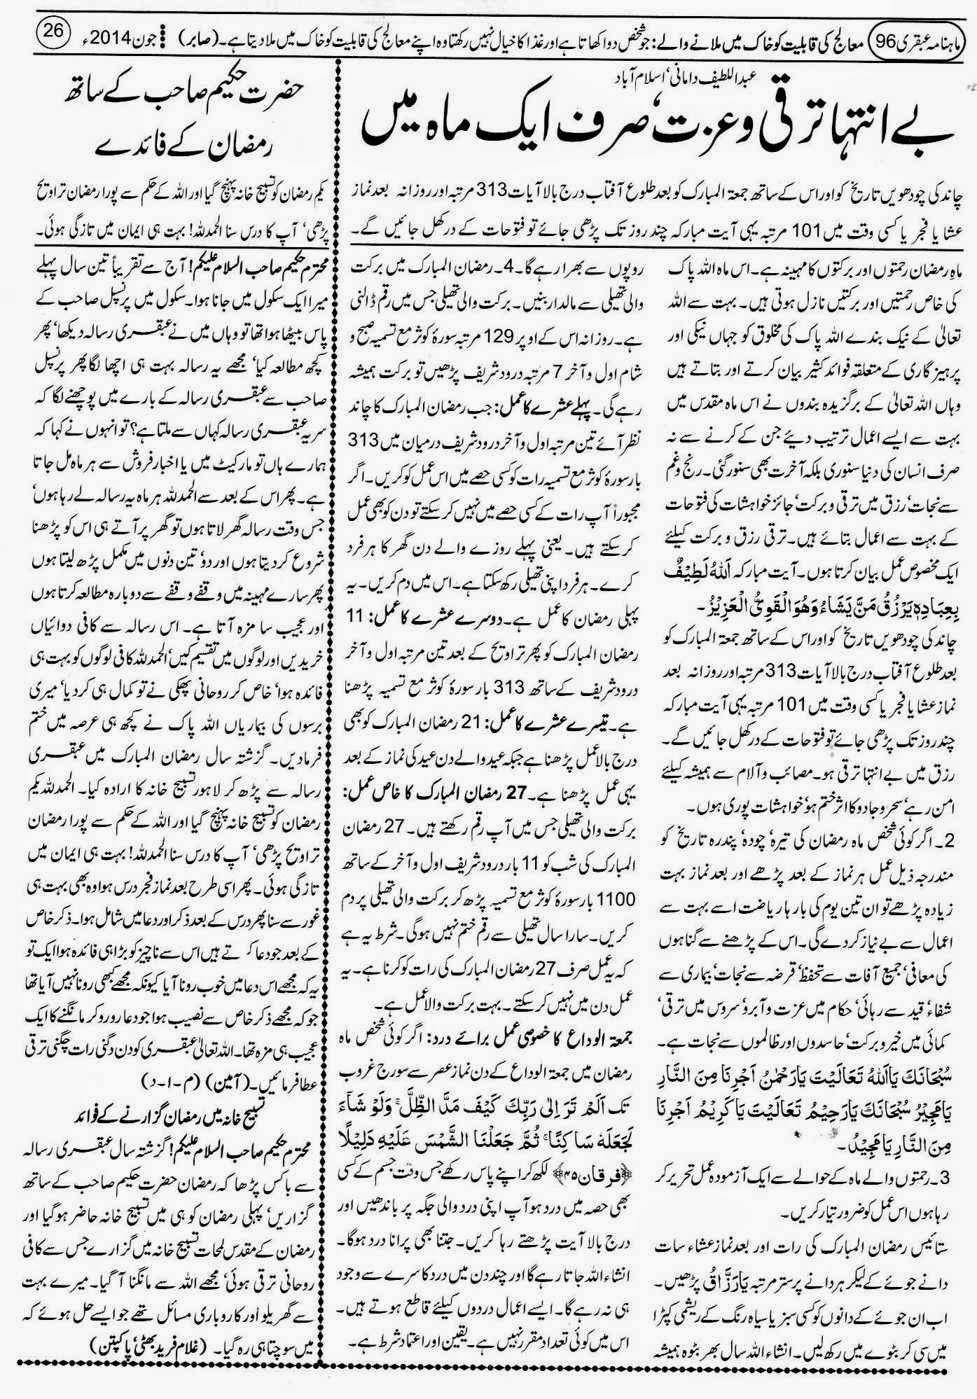 ubqari june 2014 page 26